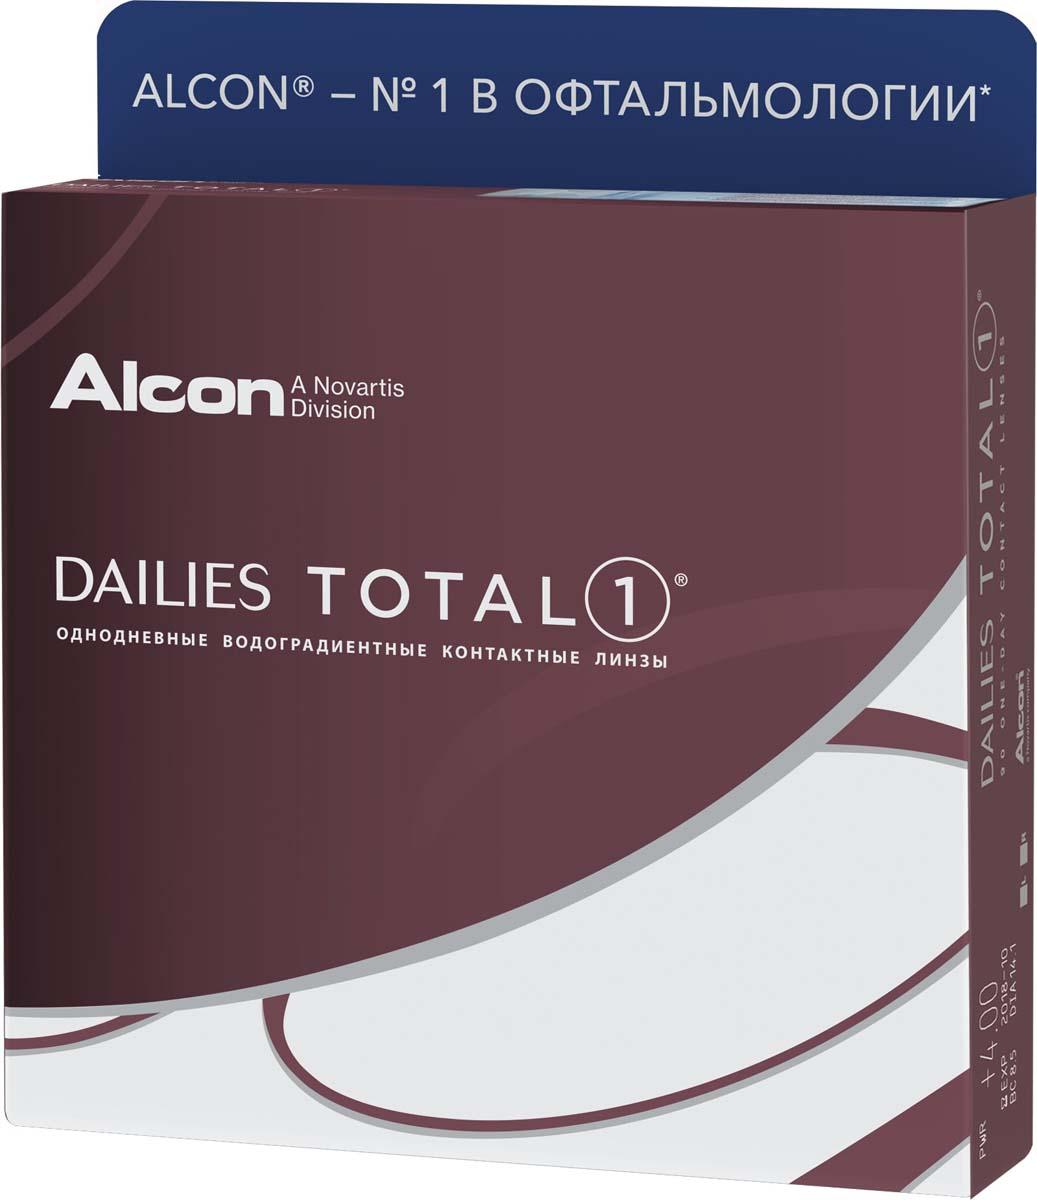 Аlcon Контактные линзы Dailies Total 90 шт /-8.50 /8.5 /14.1